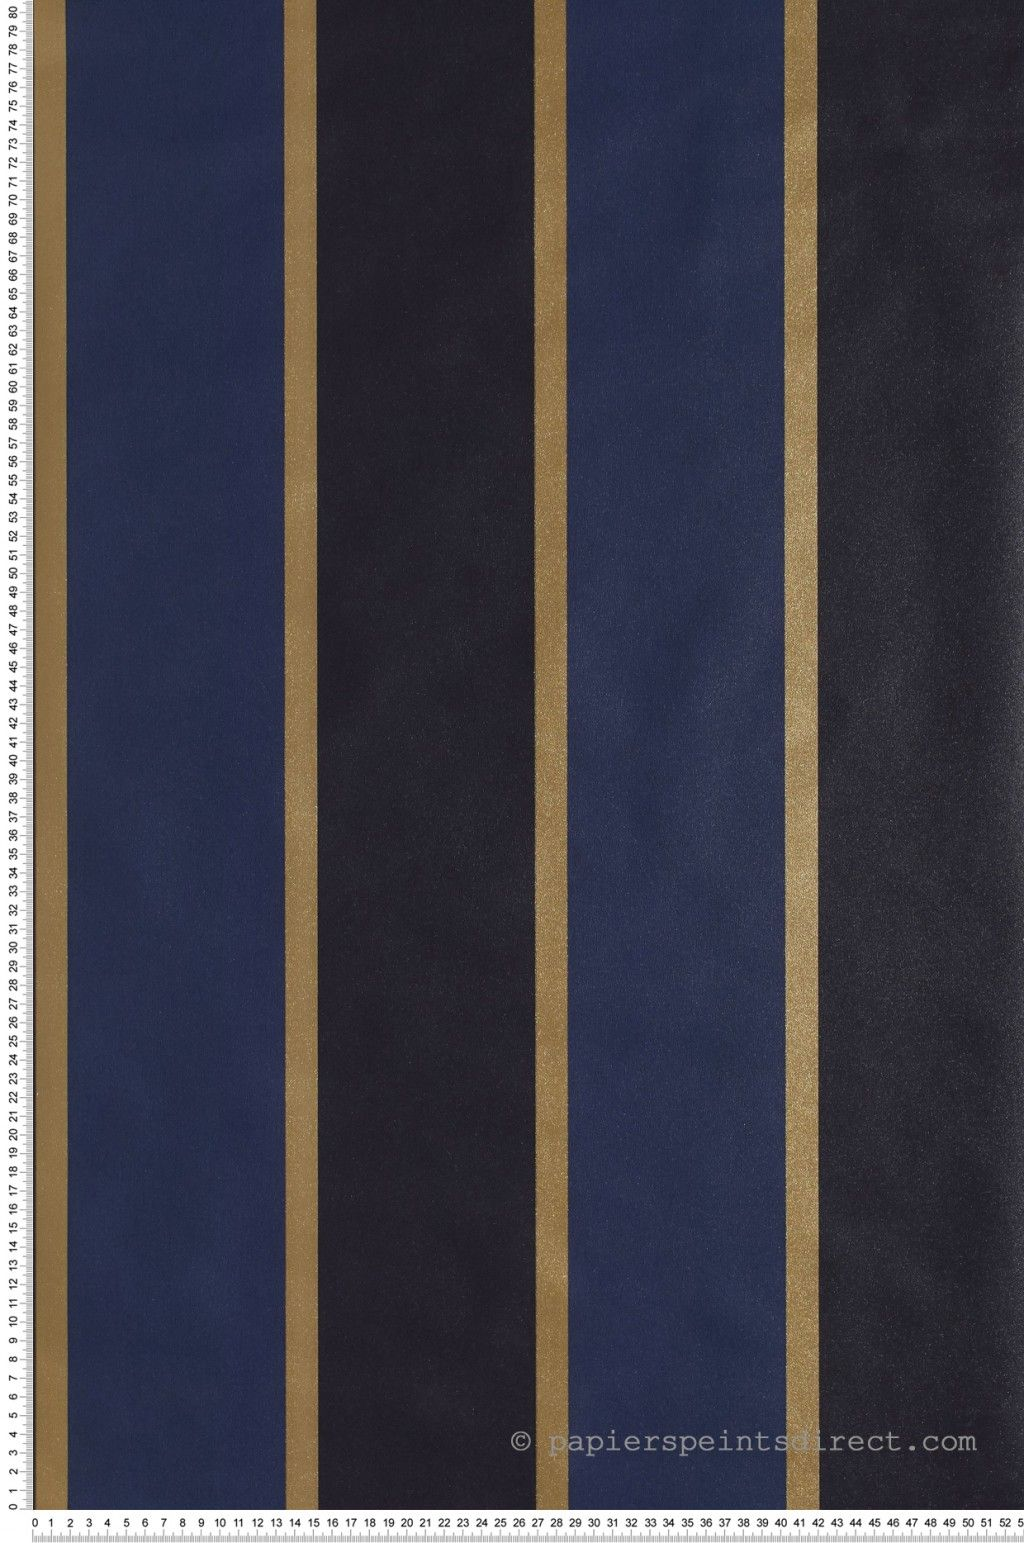 Papier Peint Deco Marine papier peint rayures larges bordées marine-or - jeux de